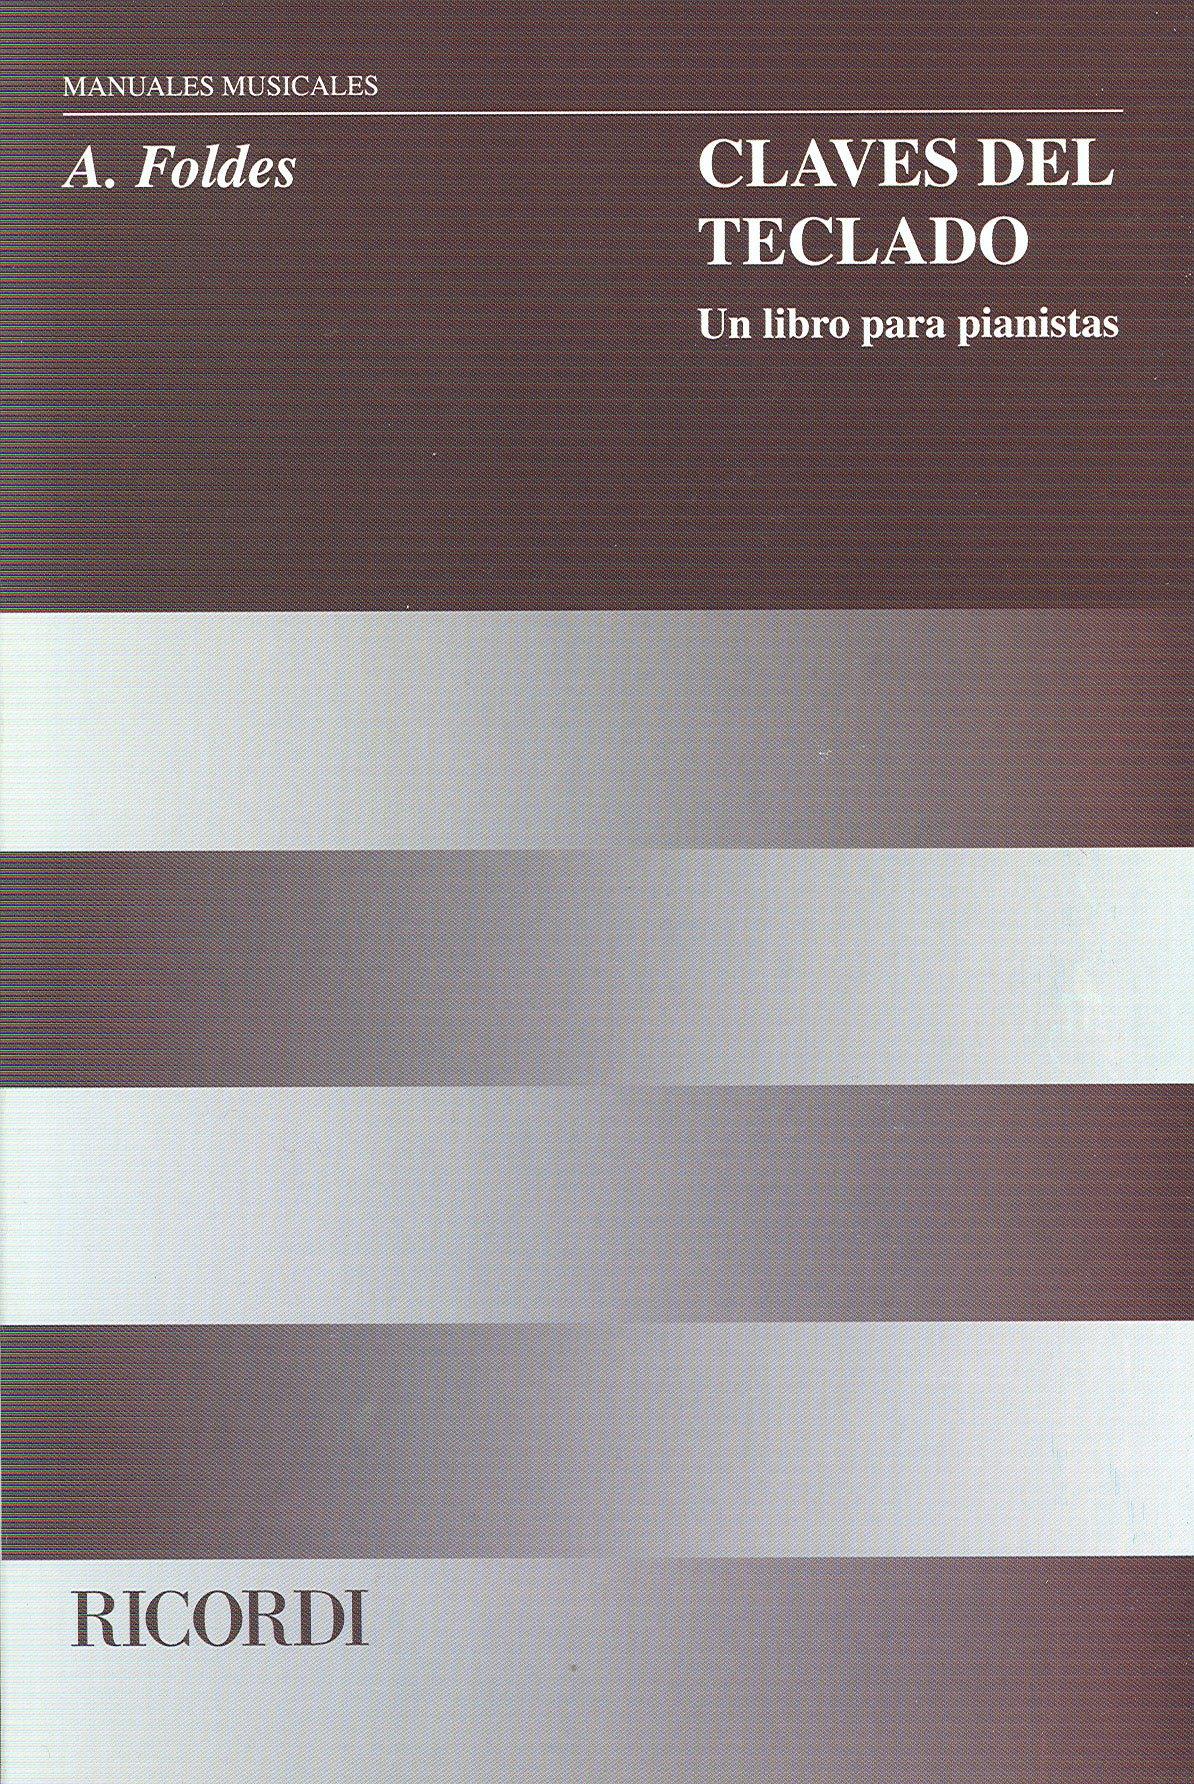 FOLDES - Claves del Teclado, (Un Libro para Pianistas): FOLDES: Amazon.com: Books